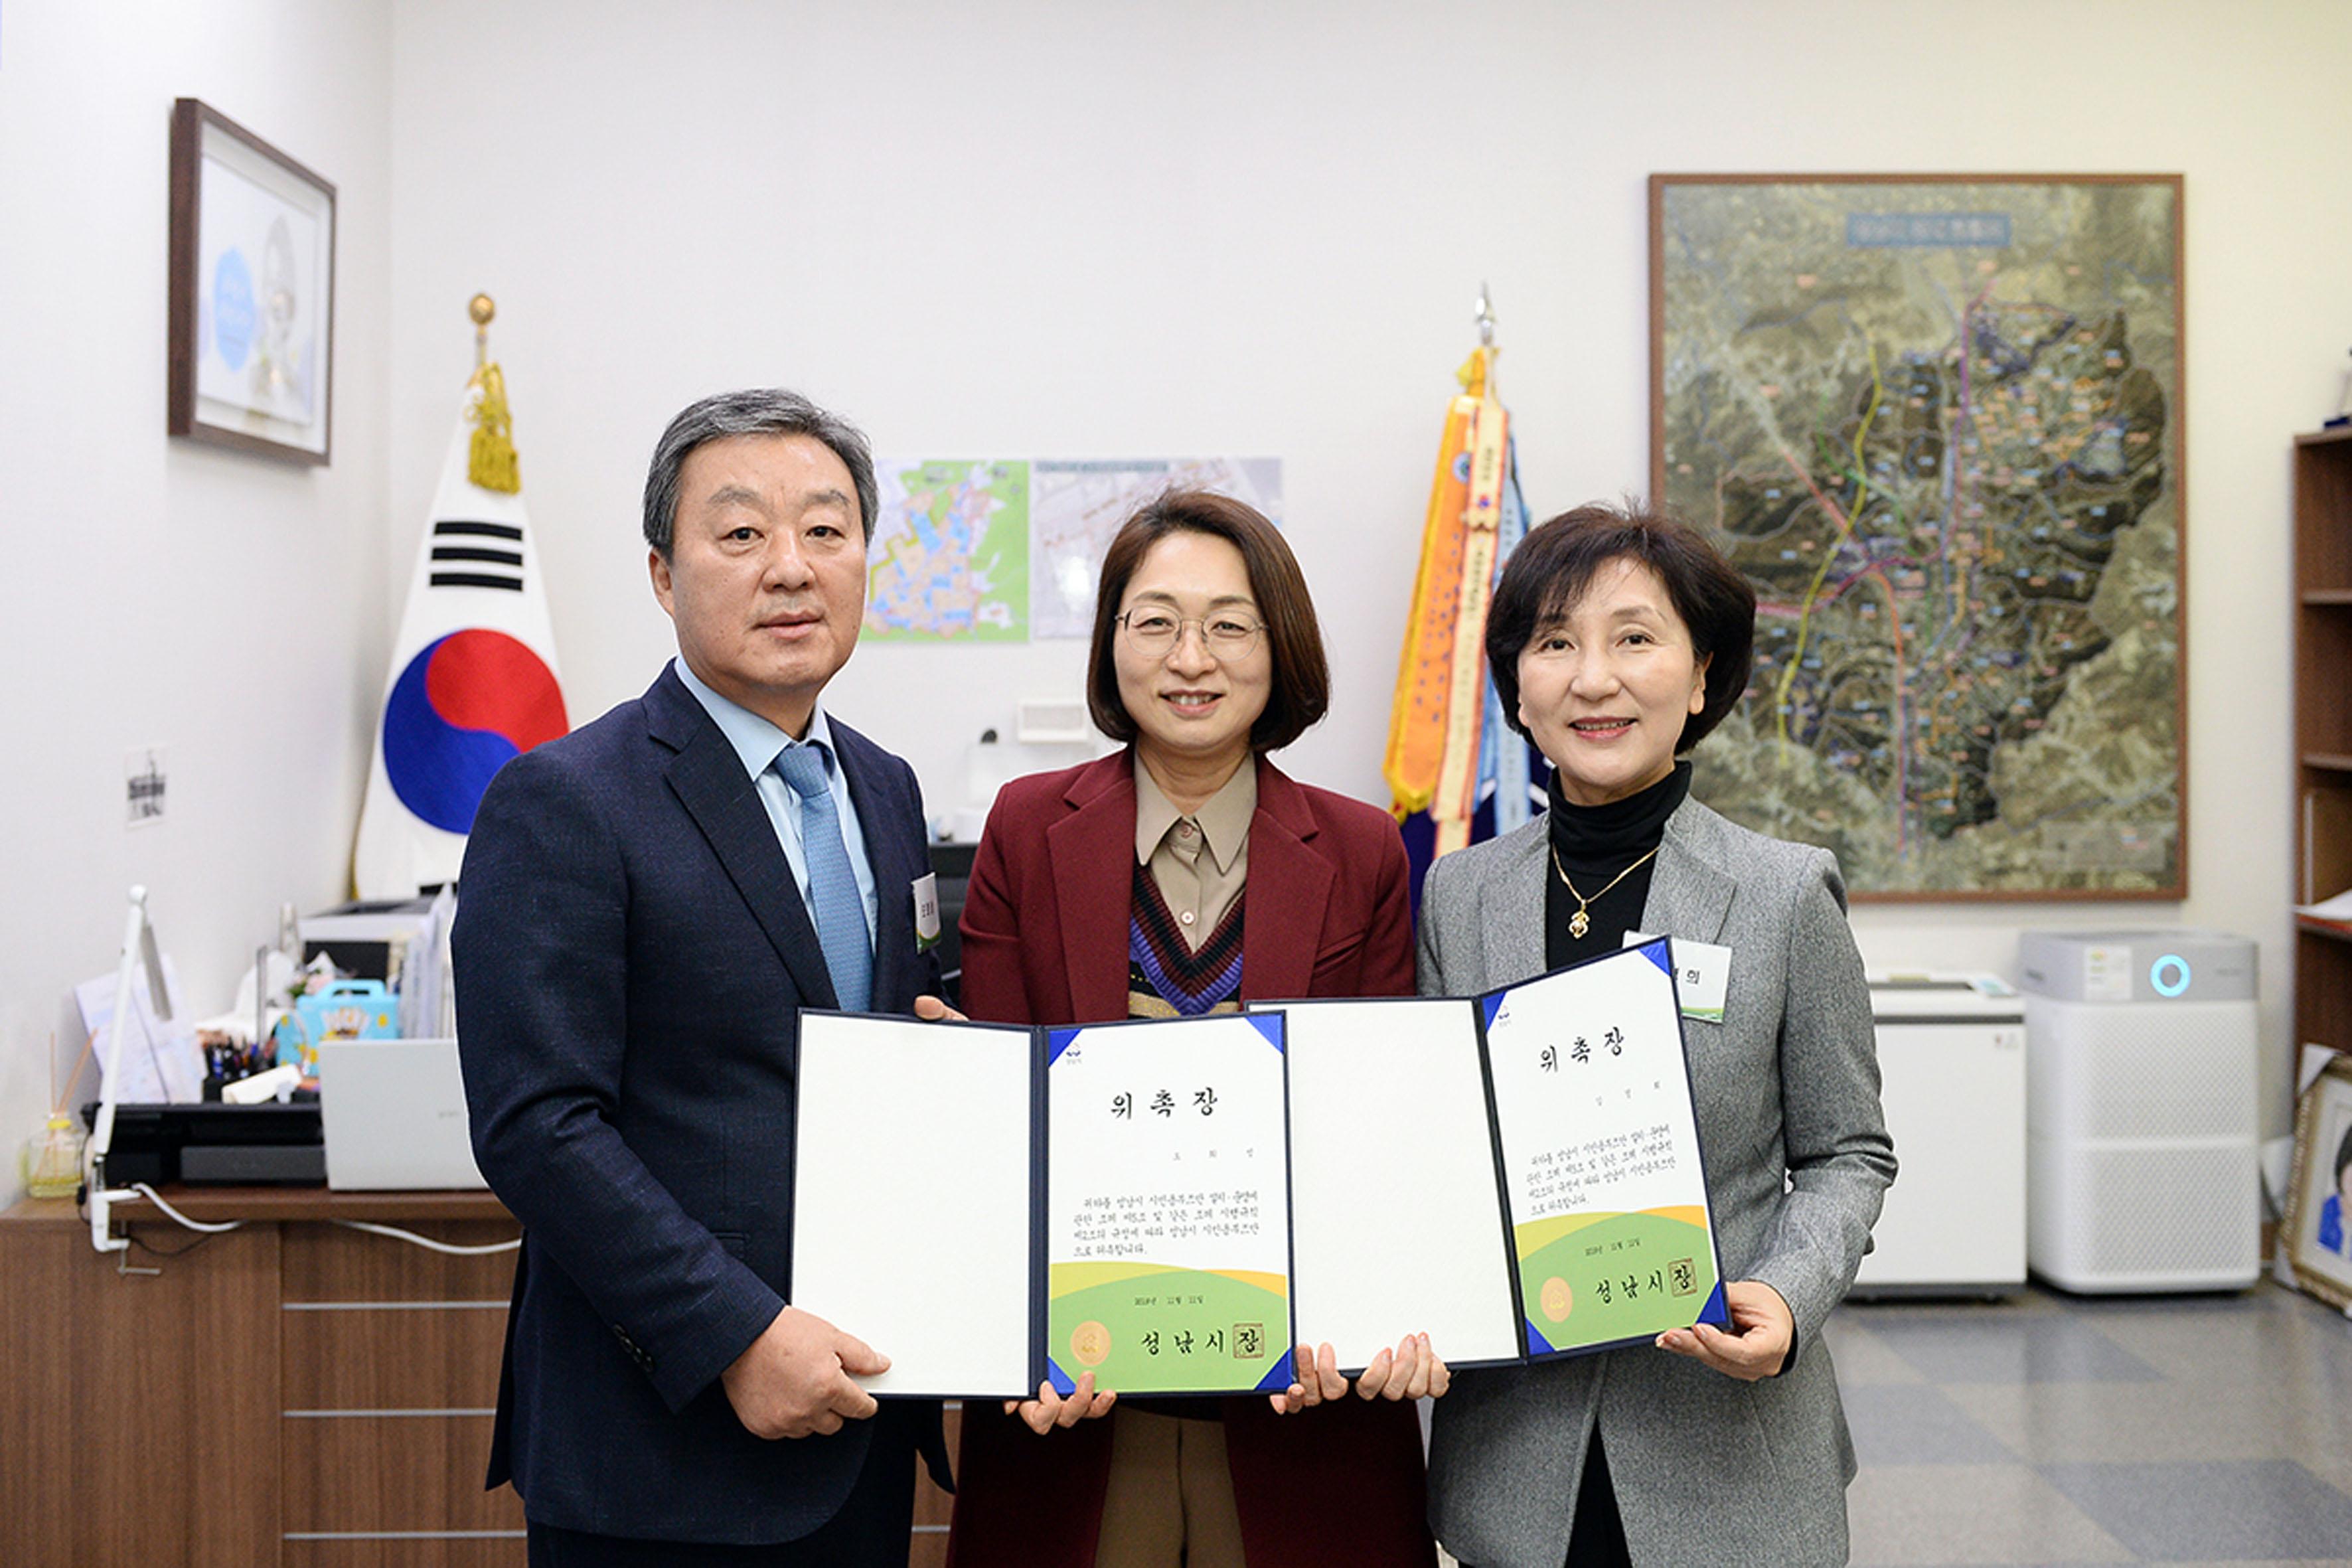 성남시 시민옴부즈만 2명으로 늘려 '매일 상담'